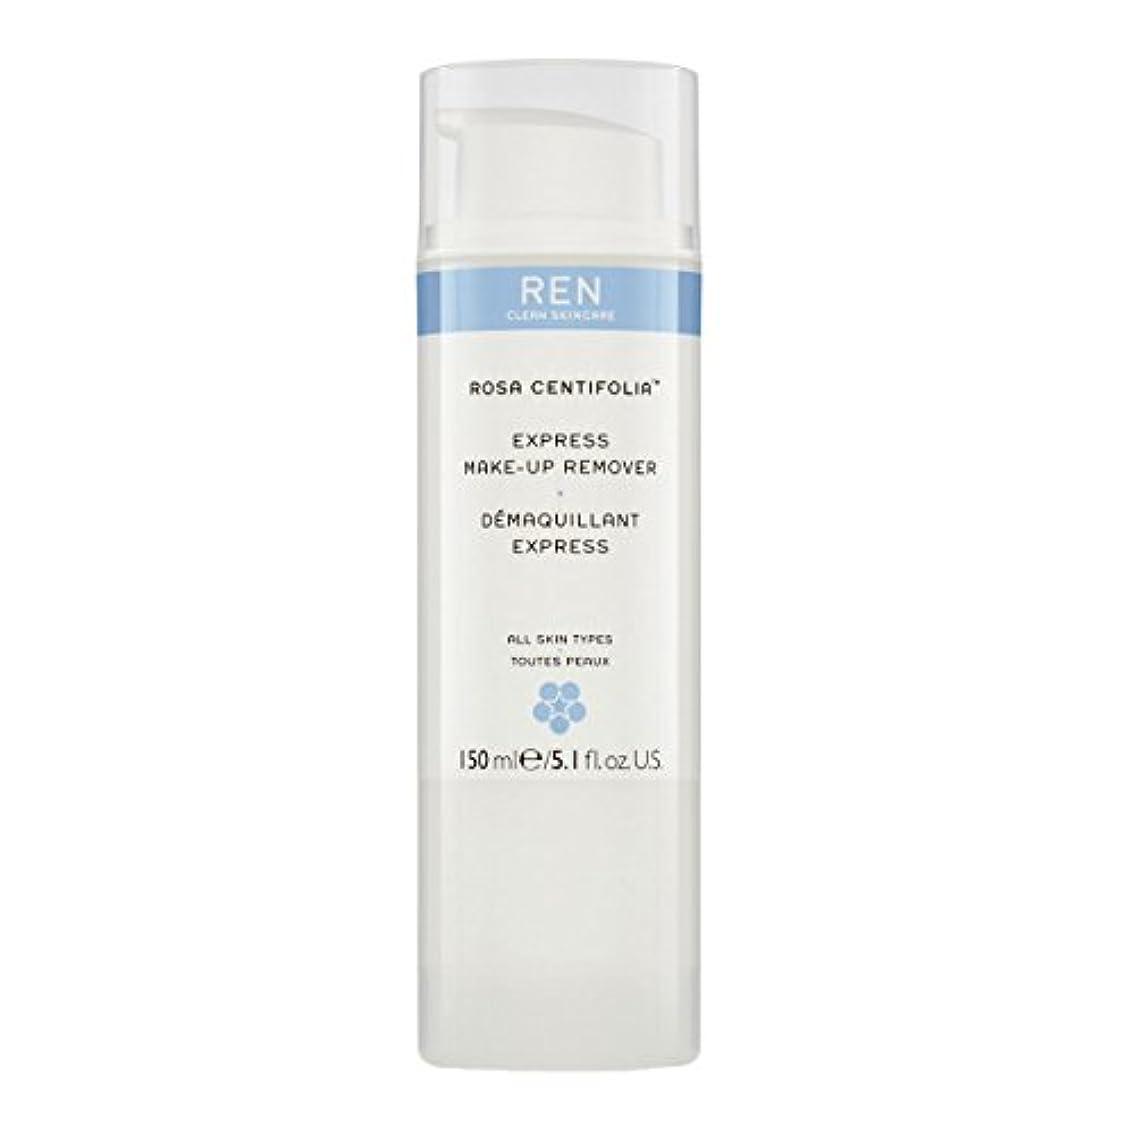 放射能強調ホースRen Rosa Centifolia Express Make-Up Remover (並行輸入品) [並行輸入品]